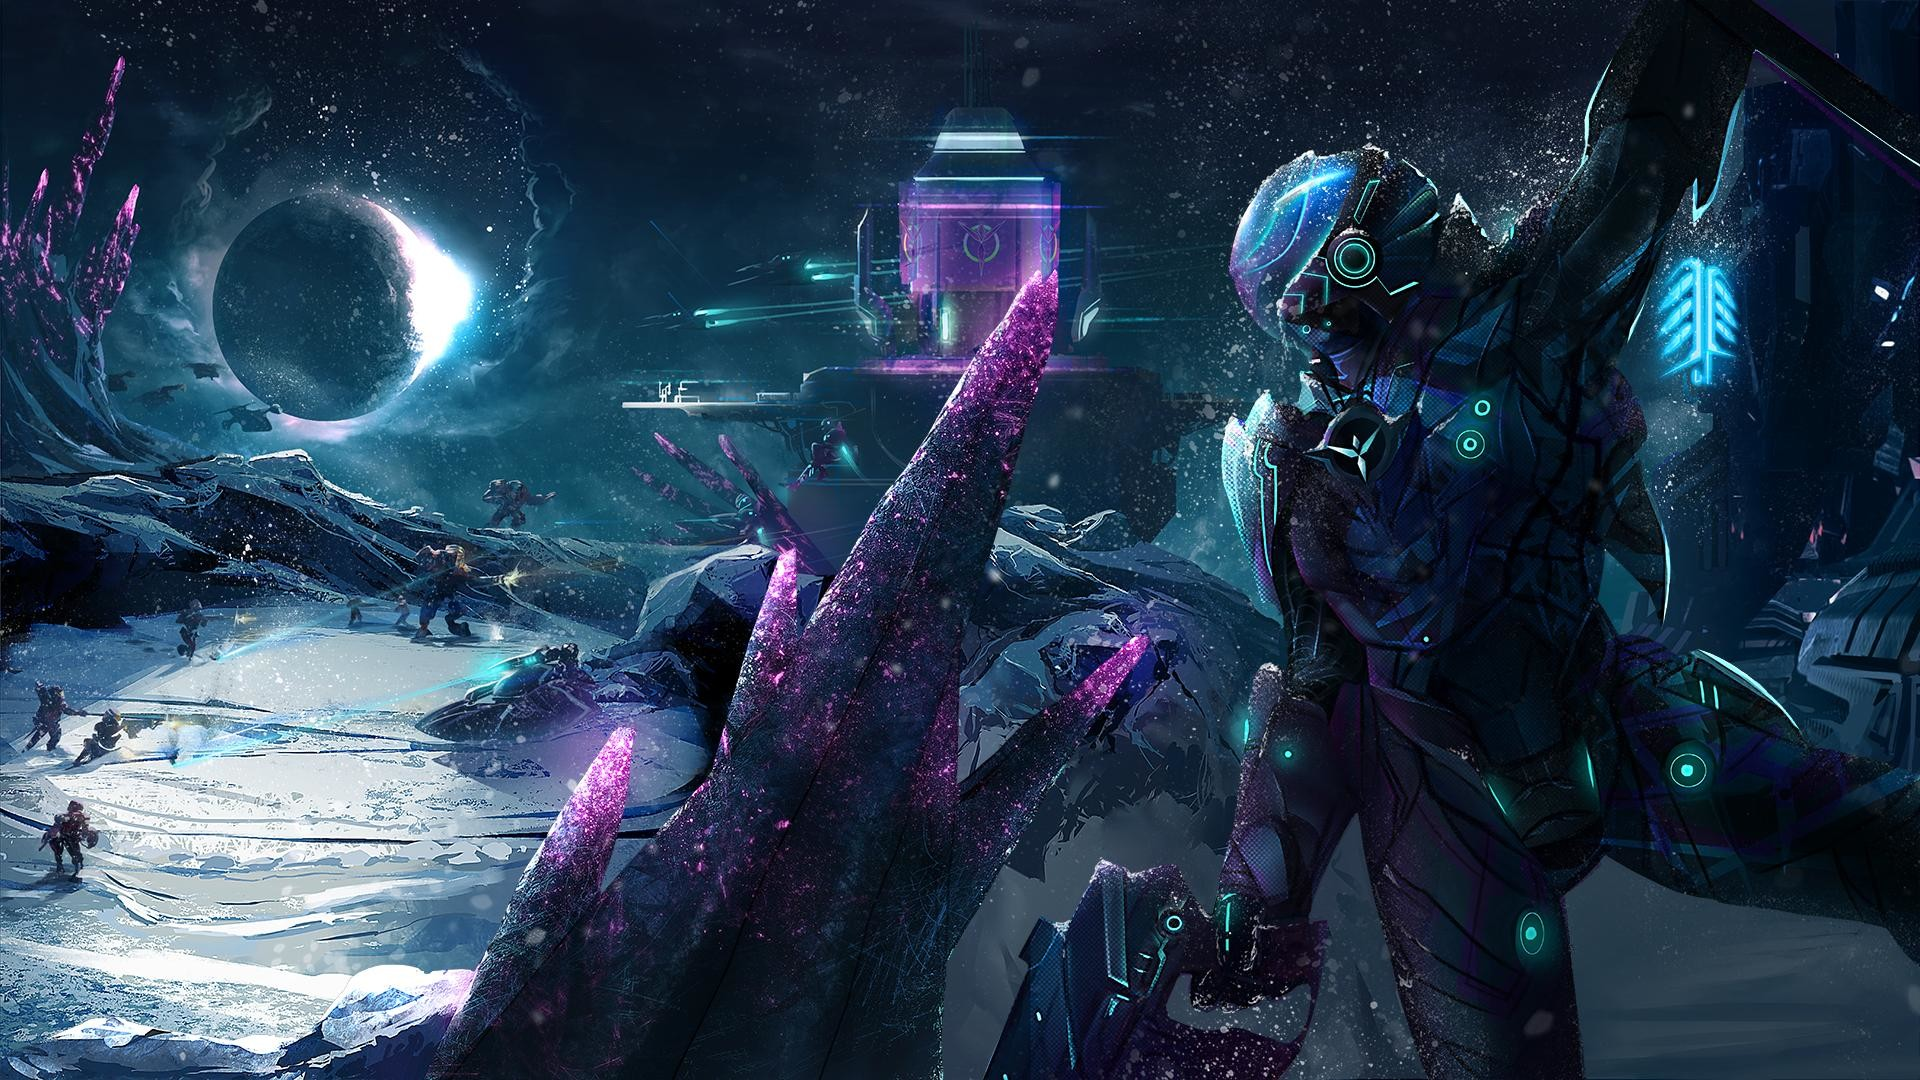 Here is a Planetside 2 fan art …